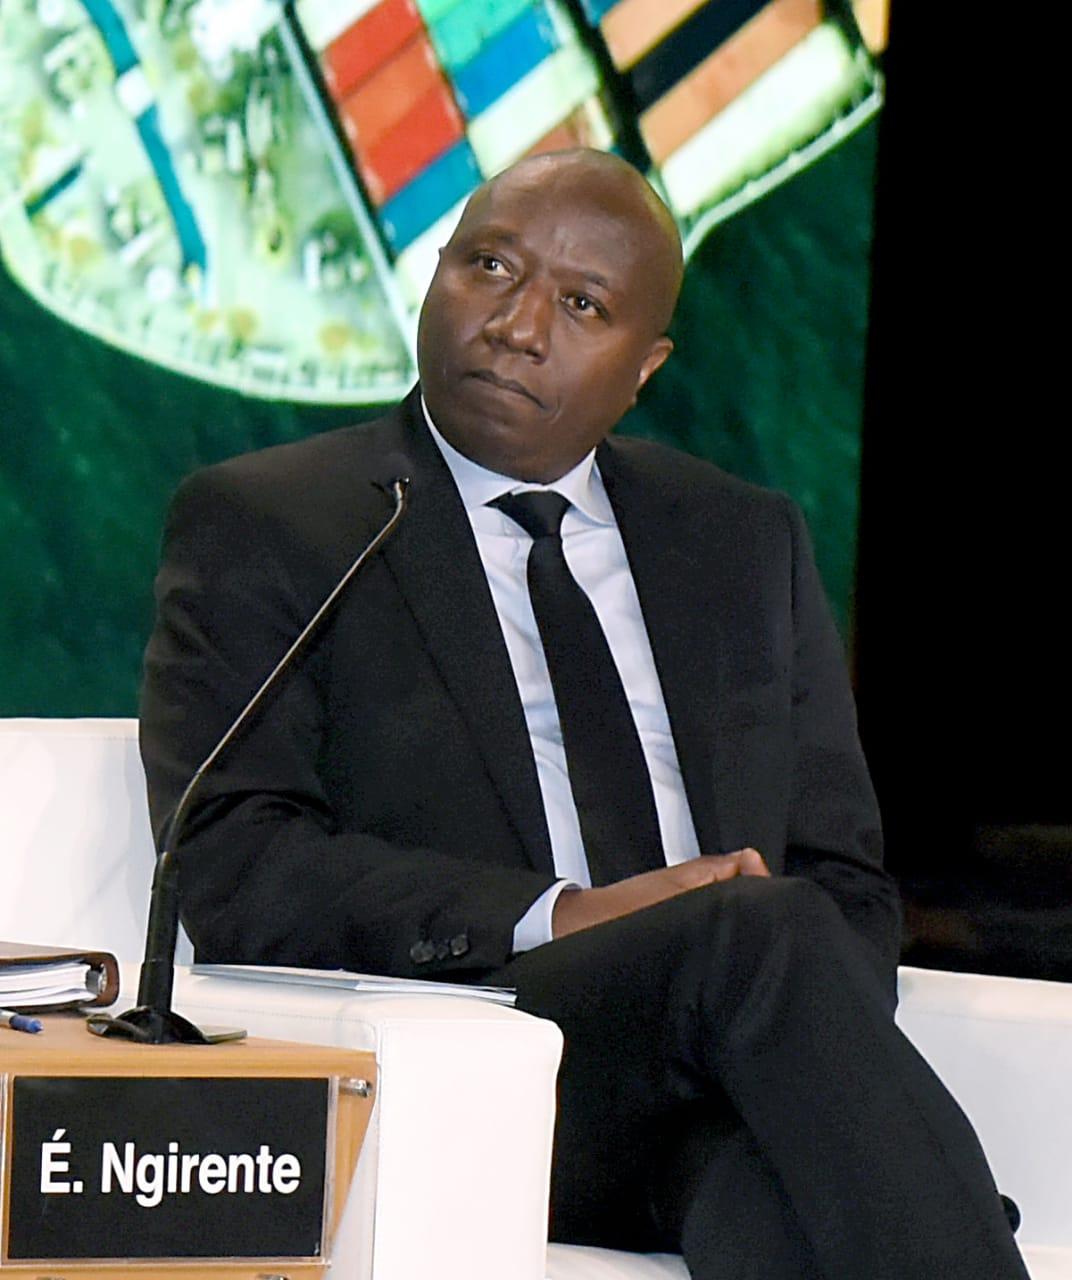 الدكتور ادوارد انجرينتى رئيس وزراء رواندا